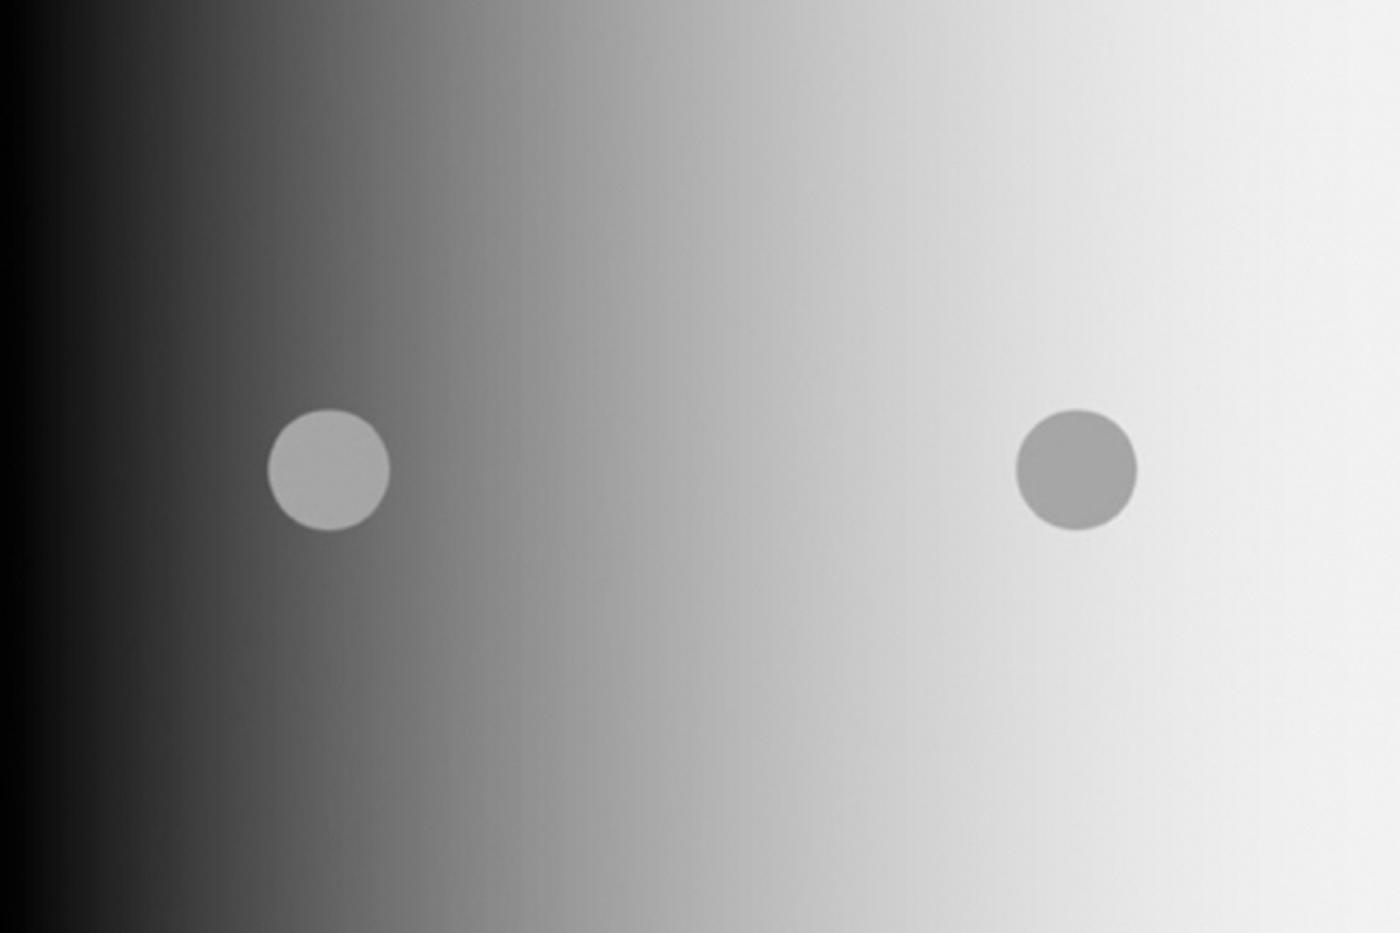 Нейробиологи объяснили механизм, лежащий в основе классической зрительной иллюзии